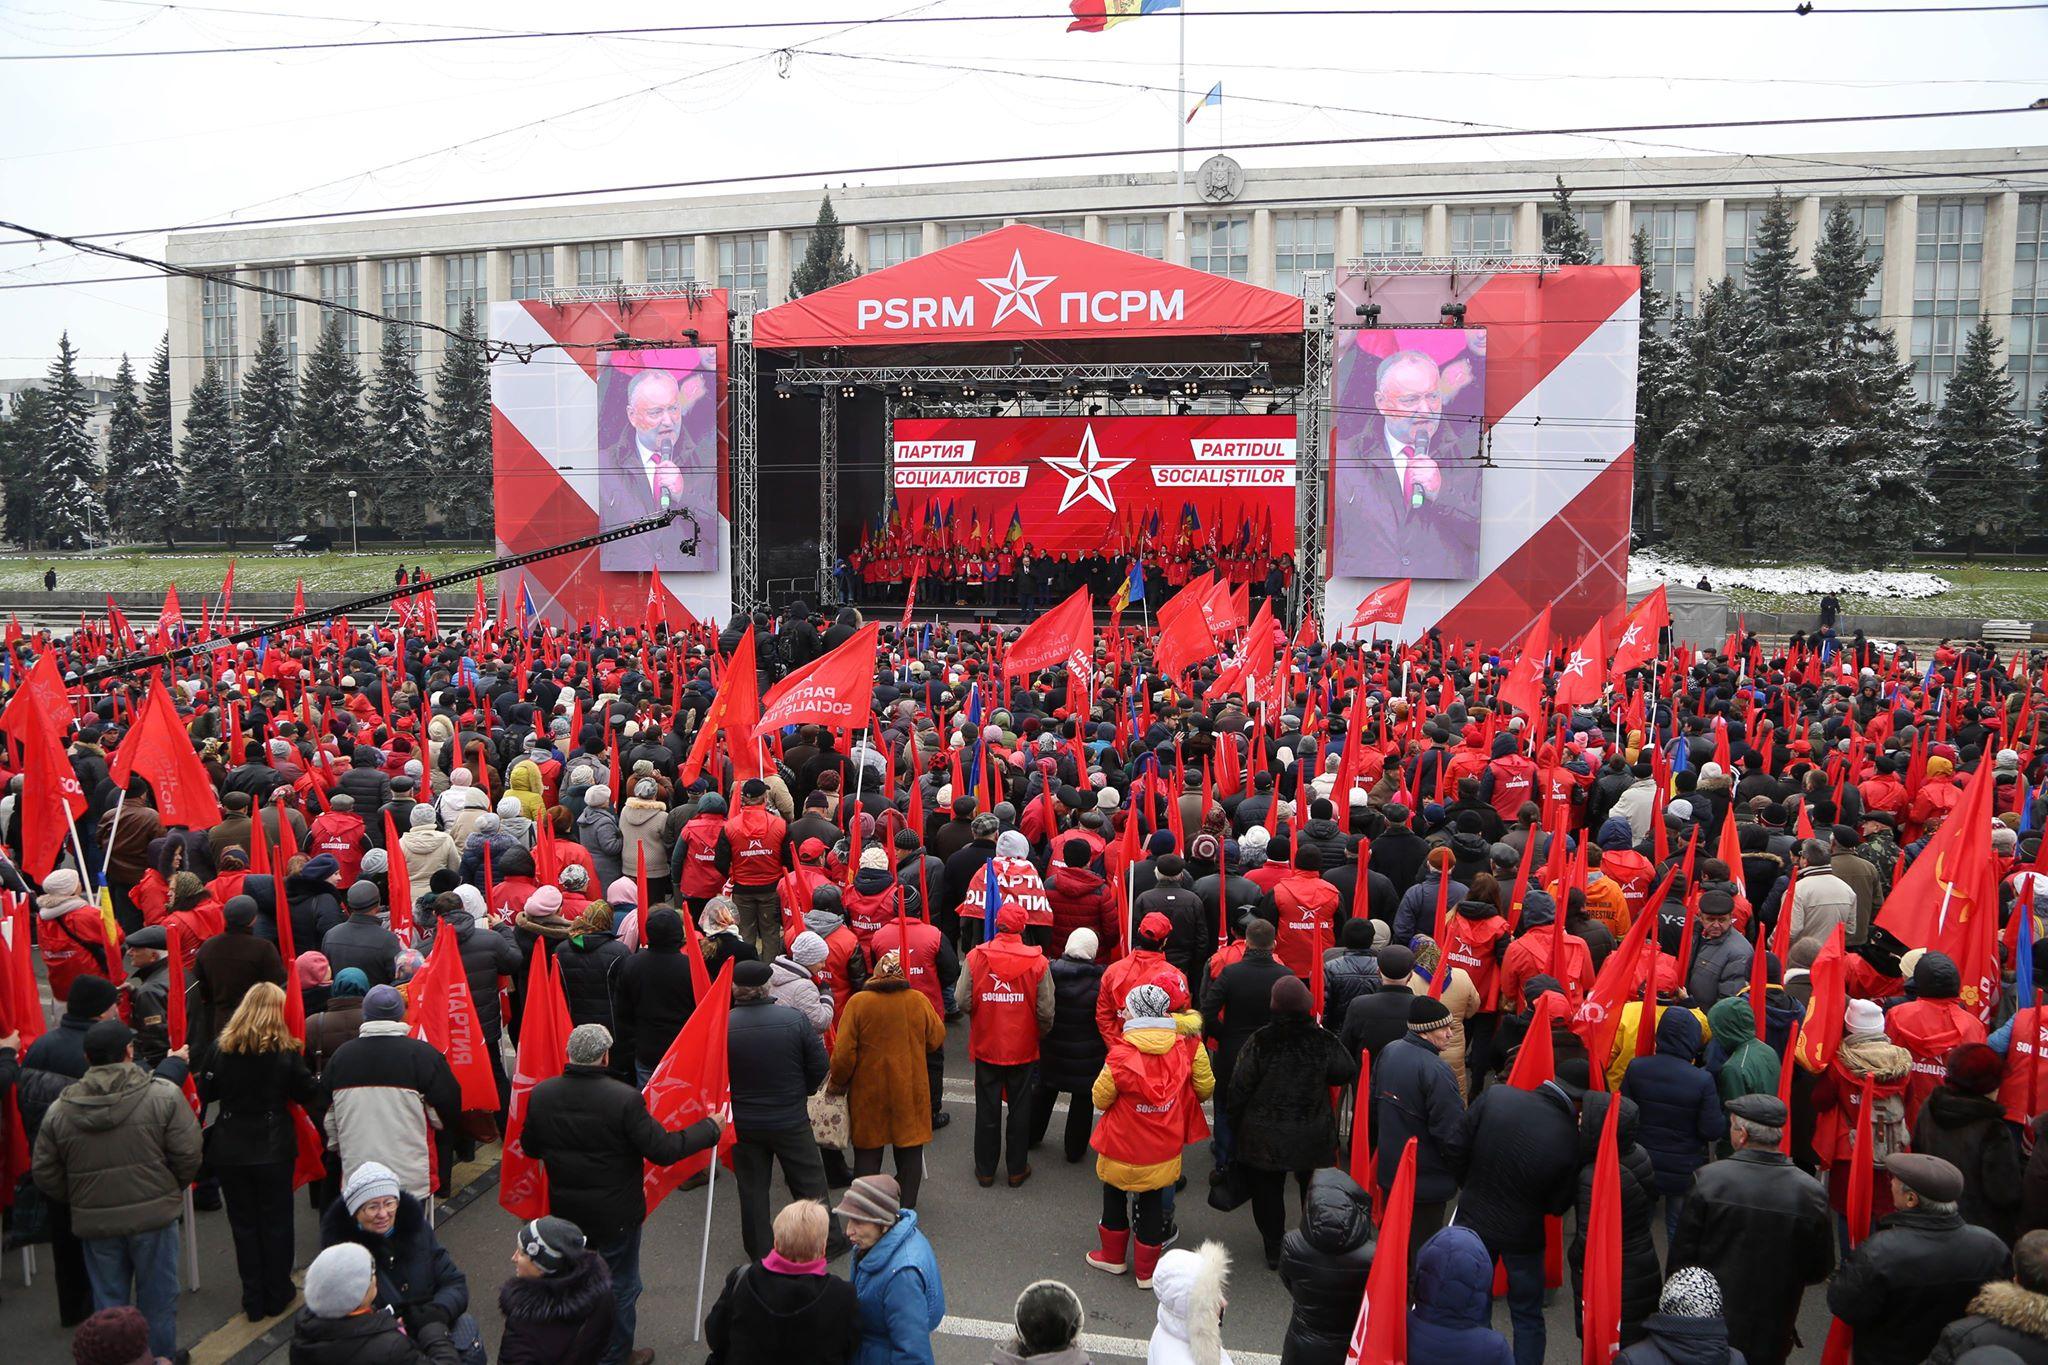 ПСРМ: Коалицию нельзя создать ценой отказа от принципов и предвыборной программы ПСРМ